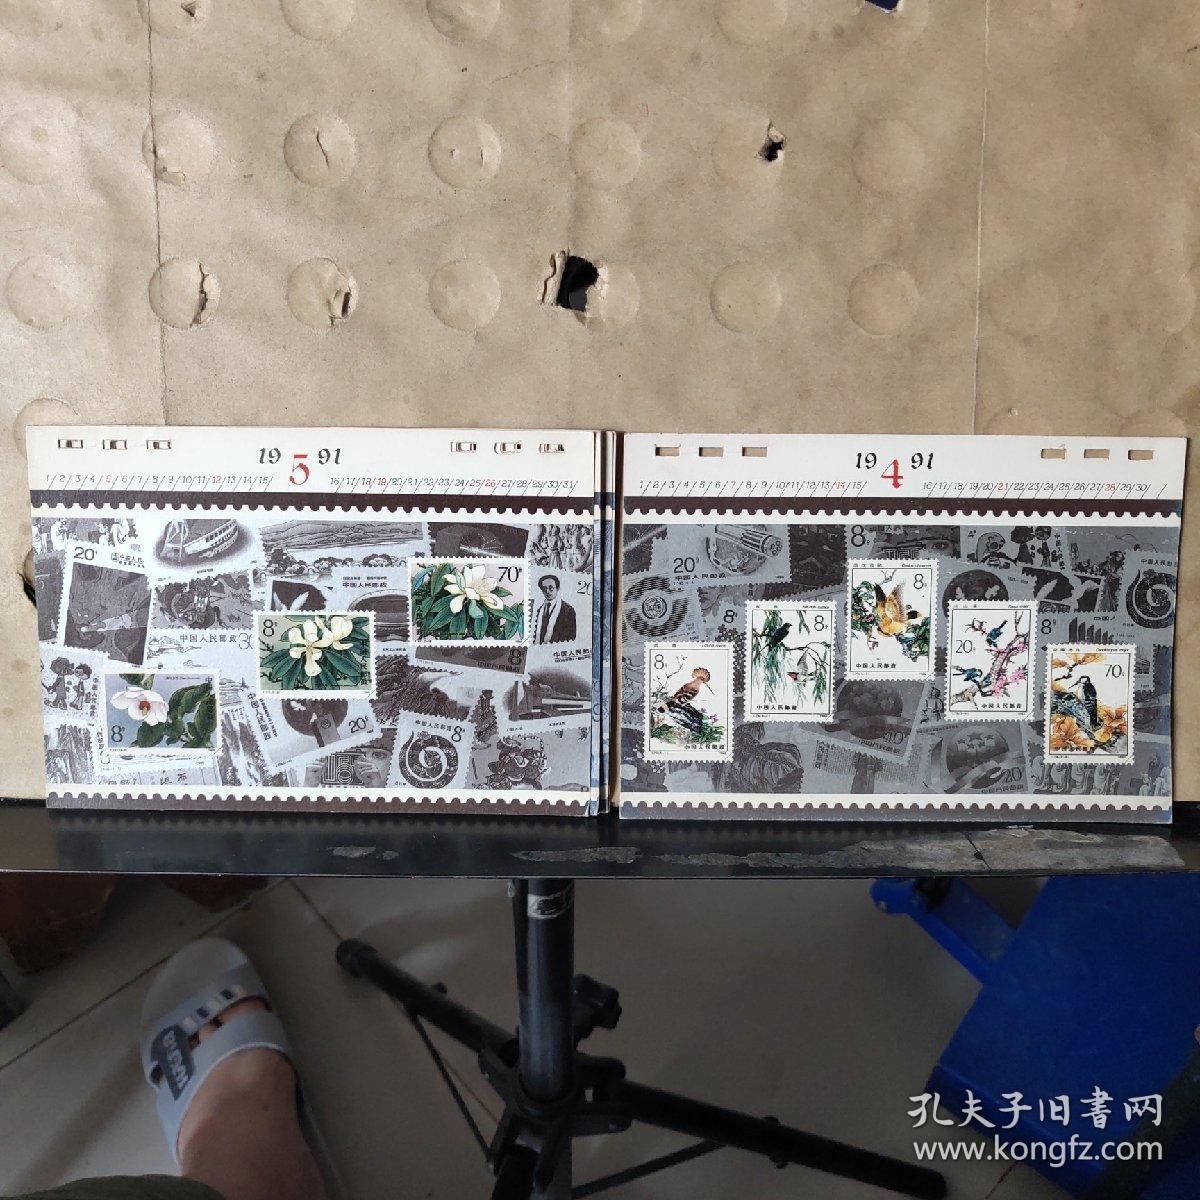 1991年台历(邮票图案)4~12共计9张,北京市邮票公司